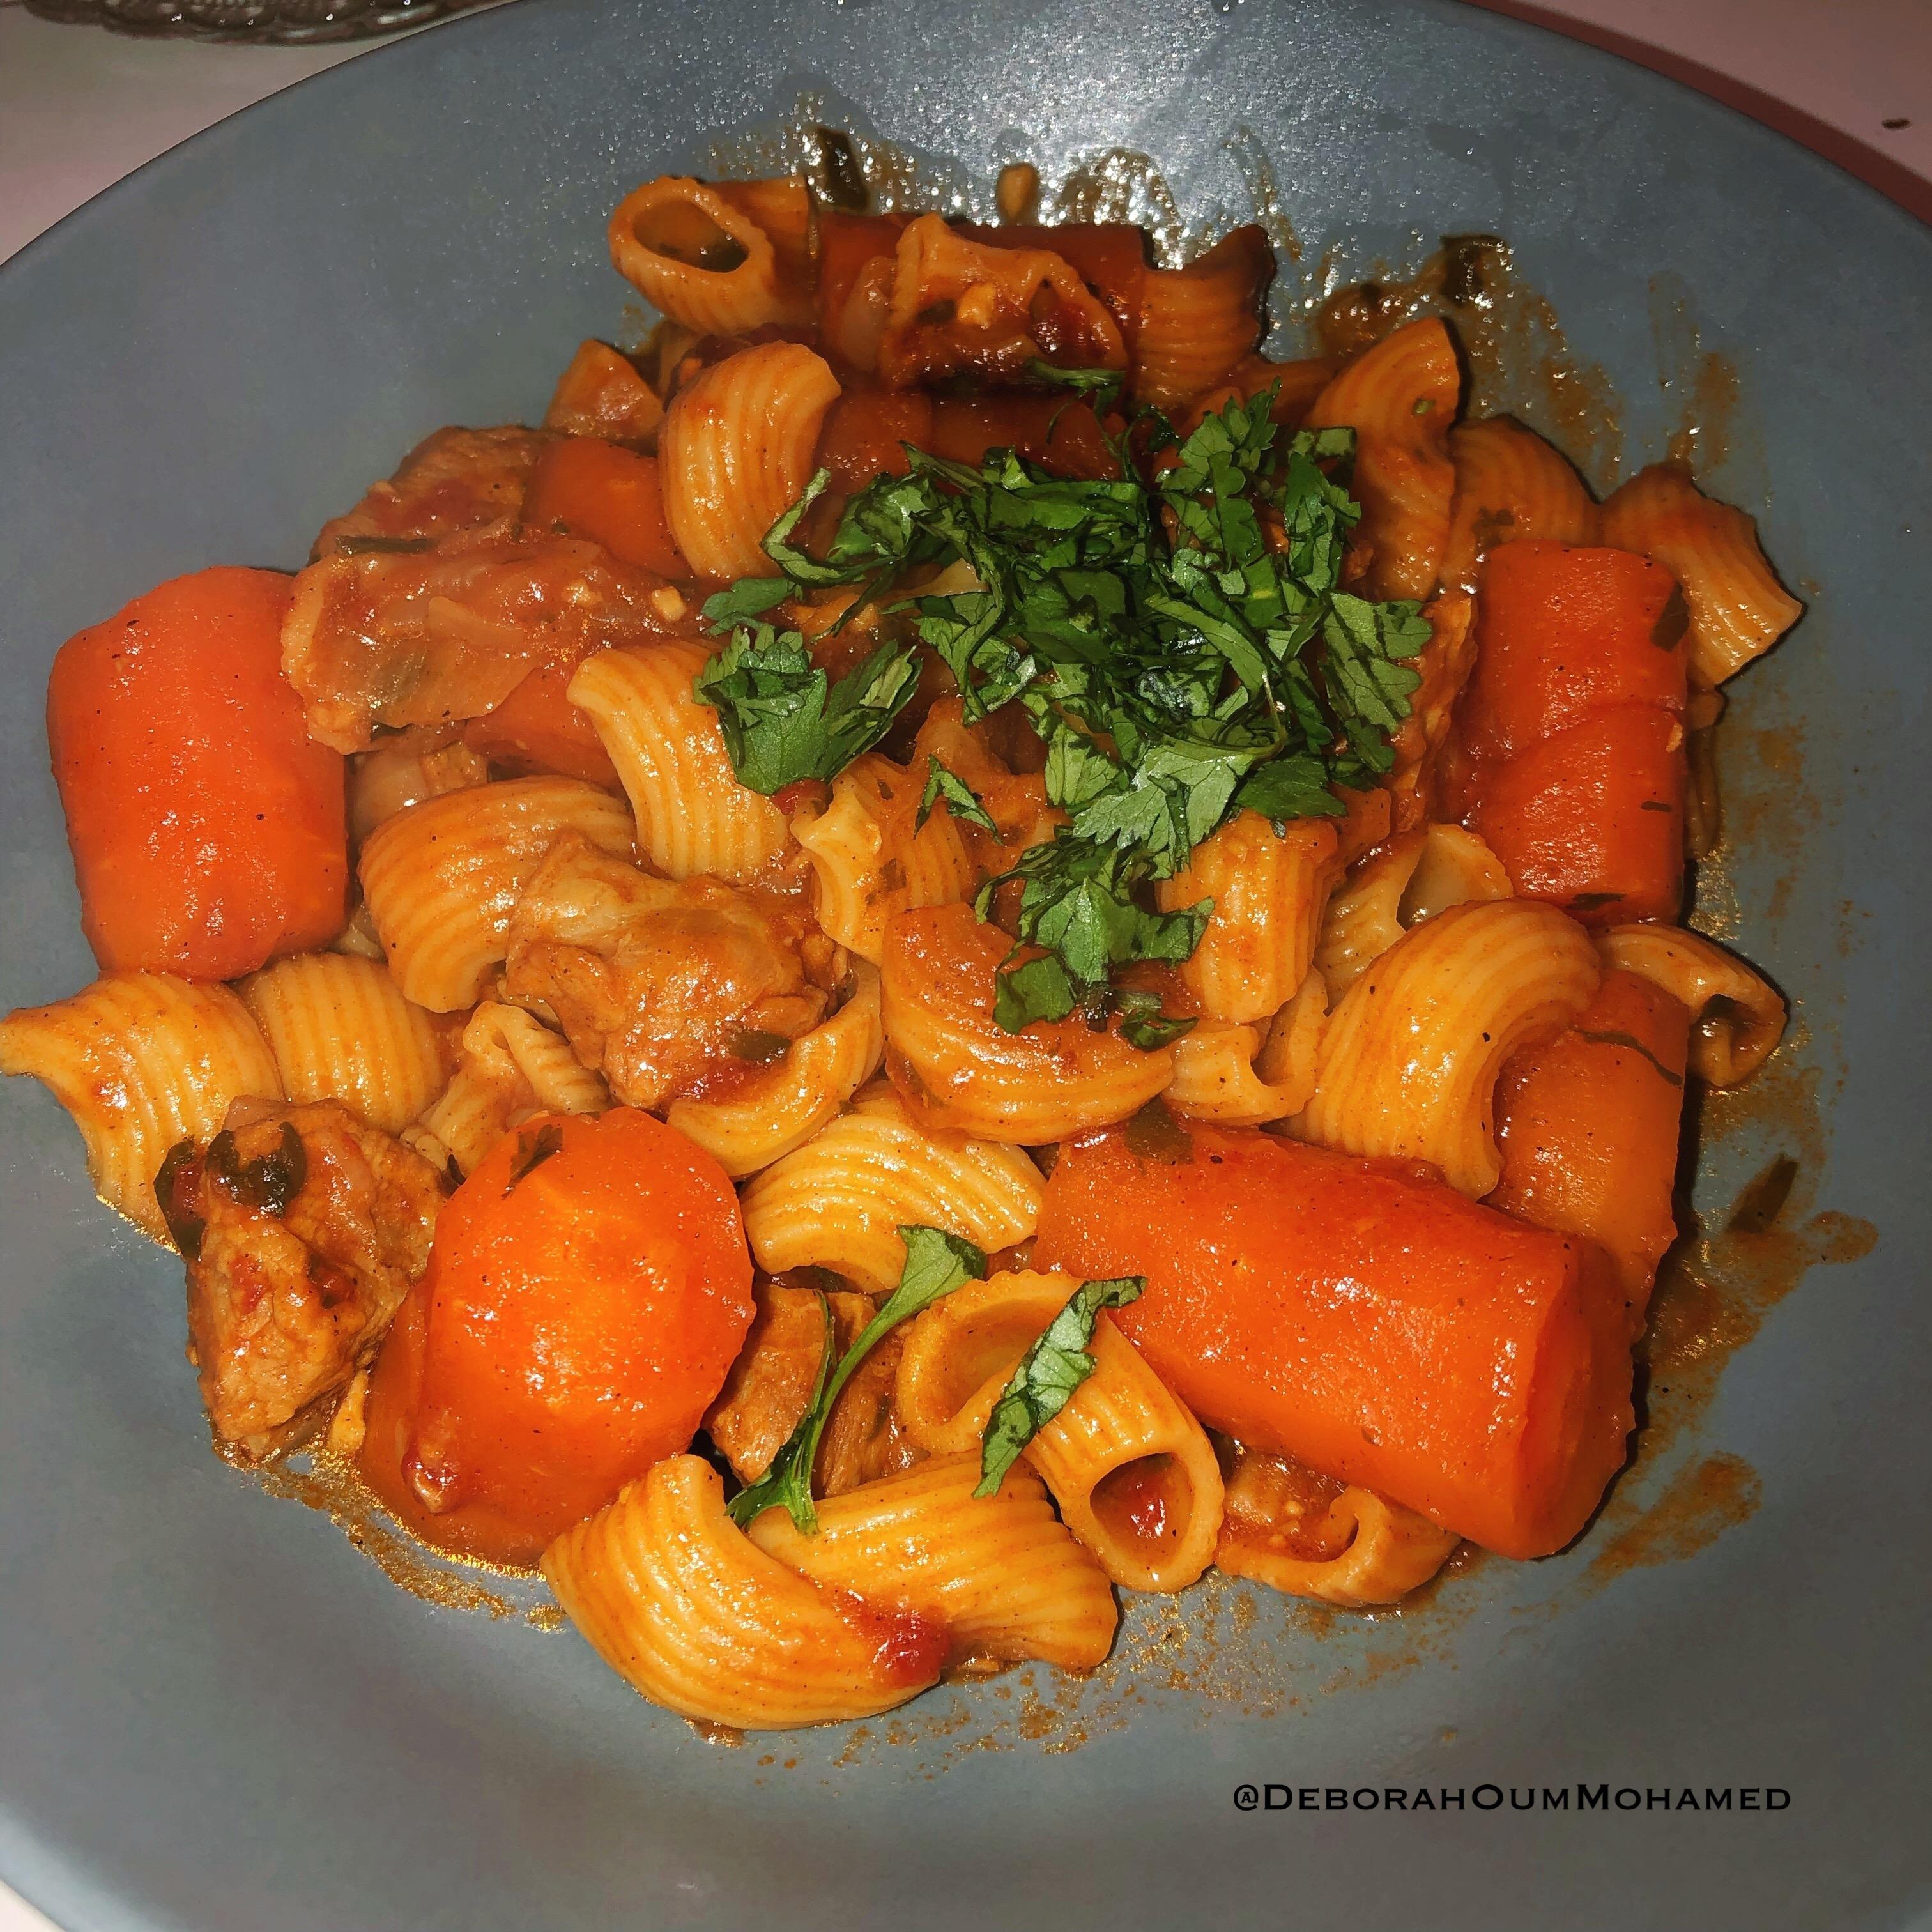 pates-au-veau-et-carotte